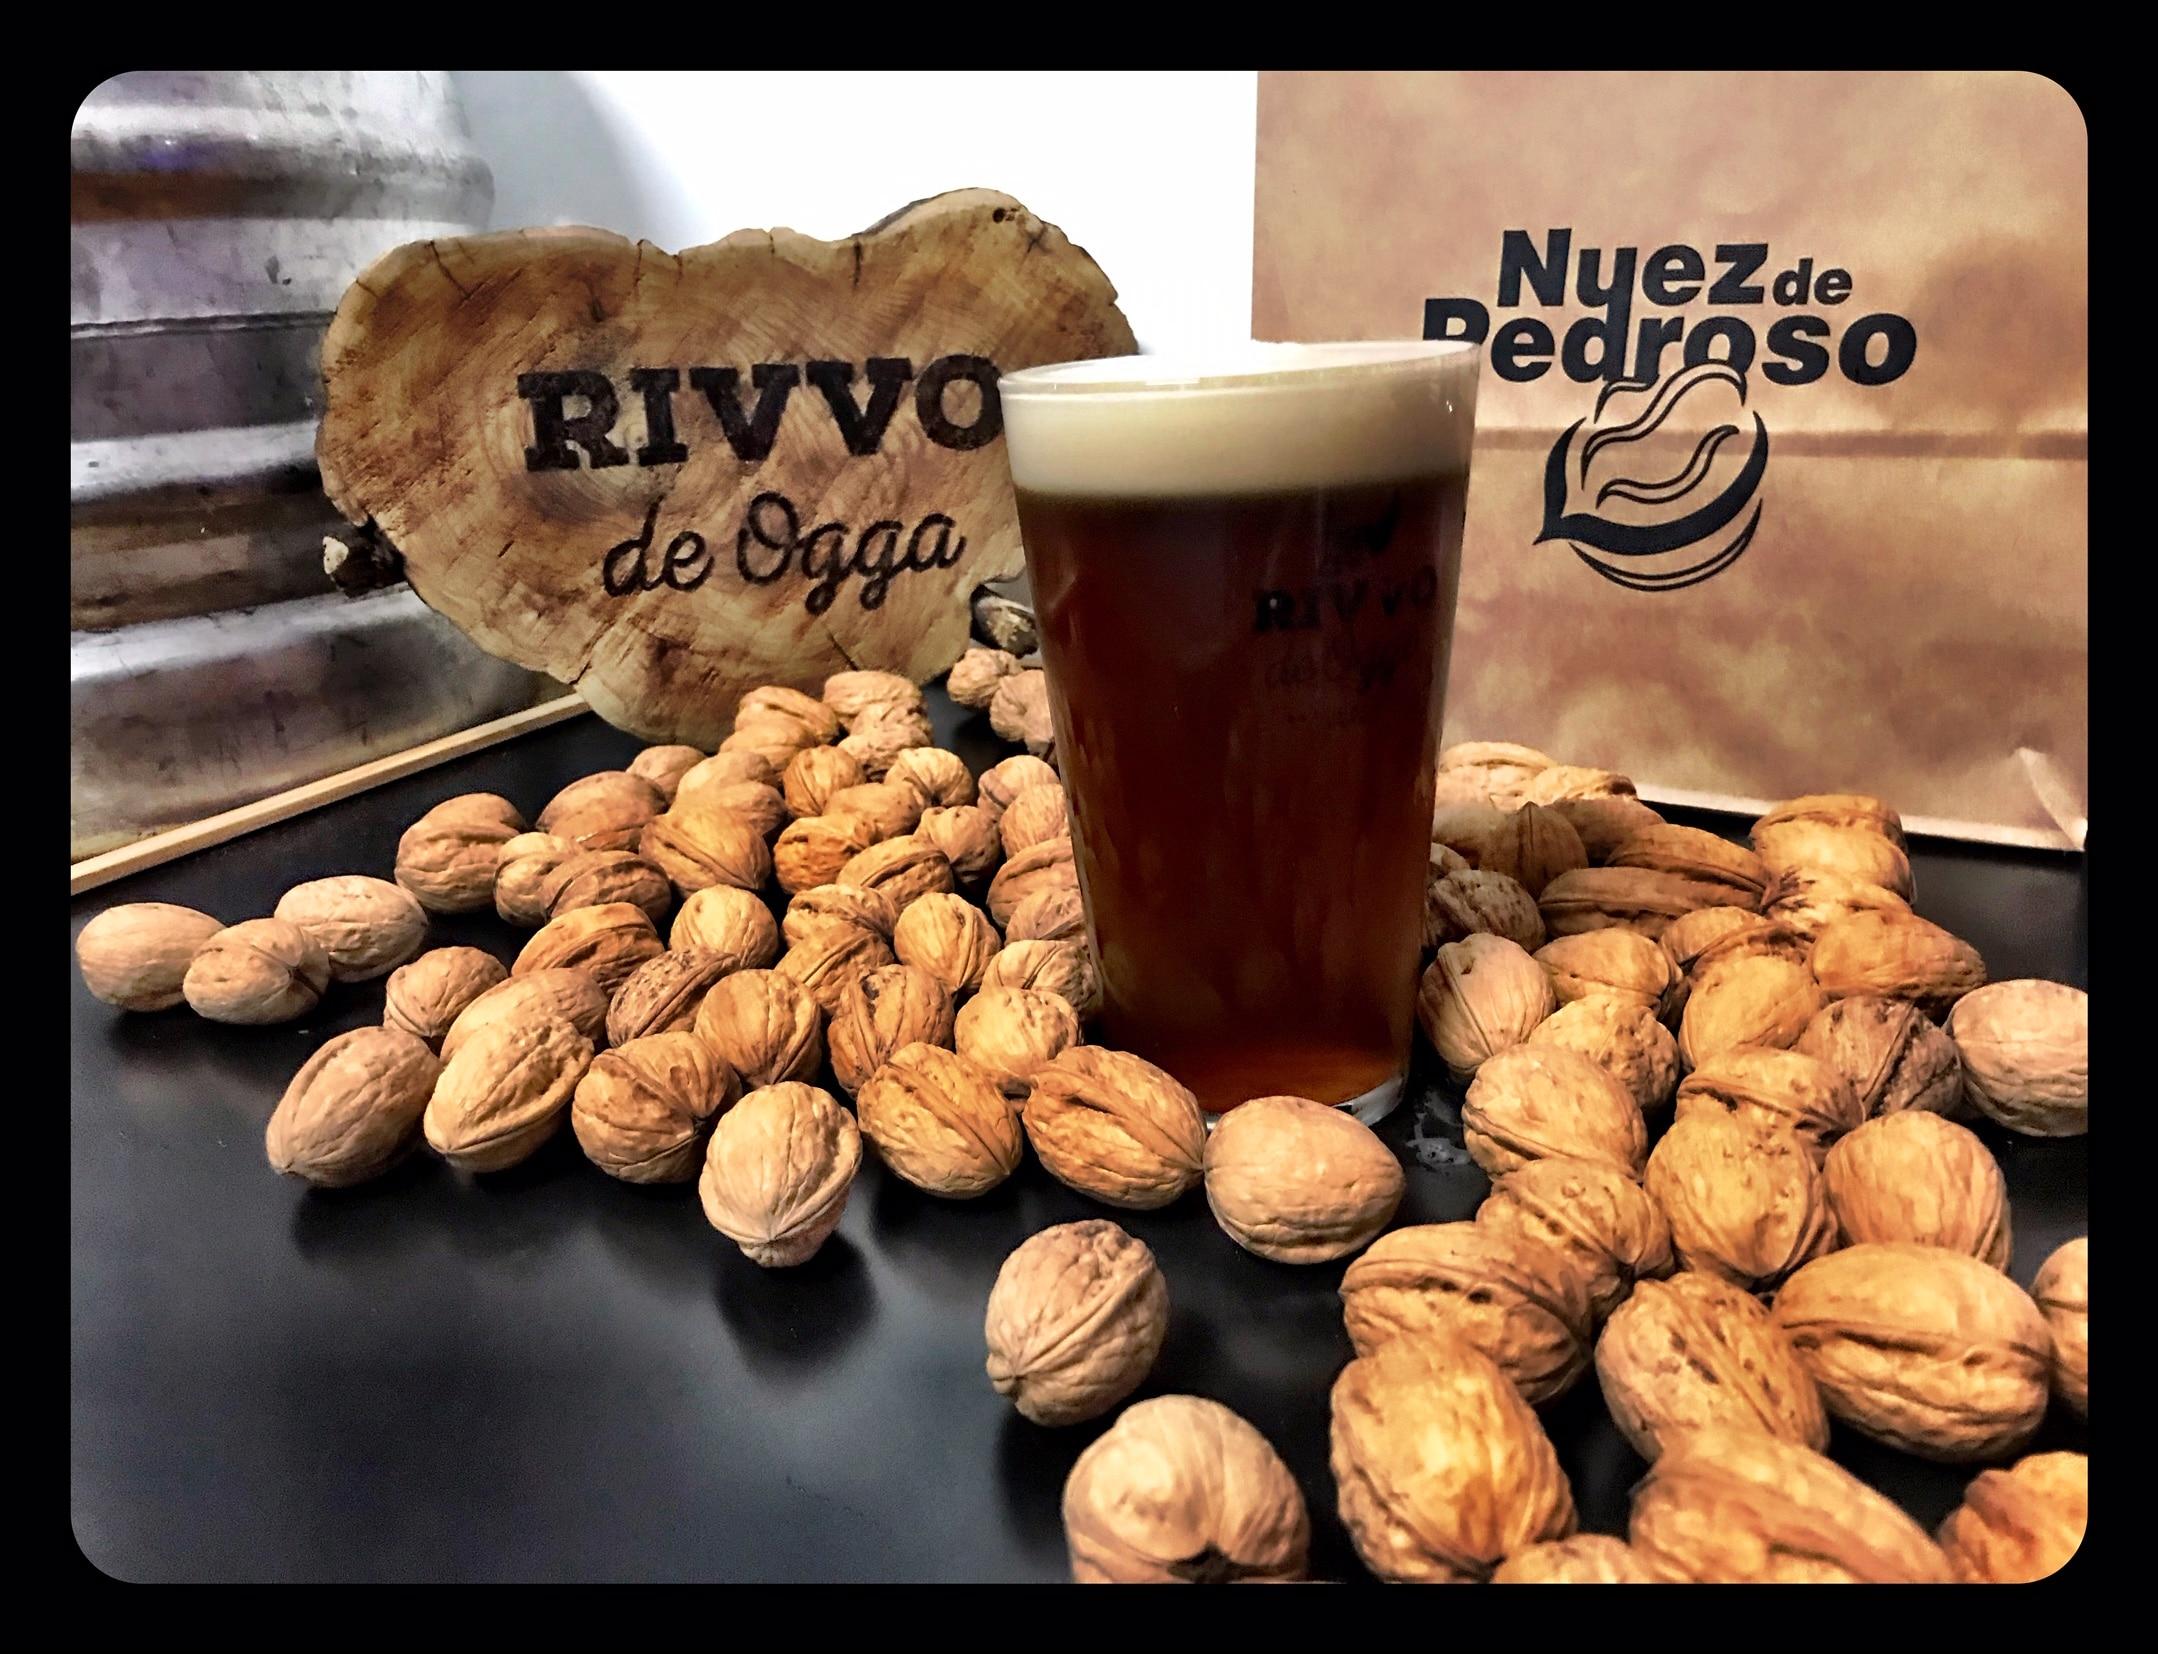 Cerveza artesana con Nuez de Pedroso